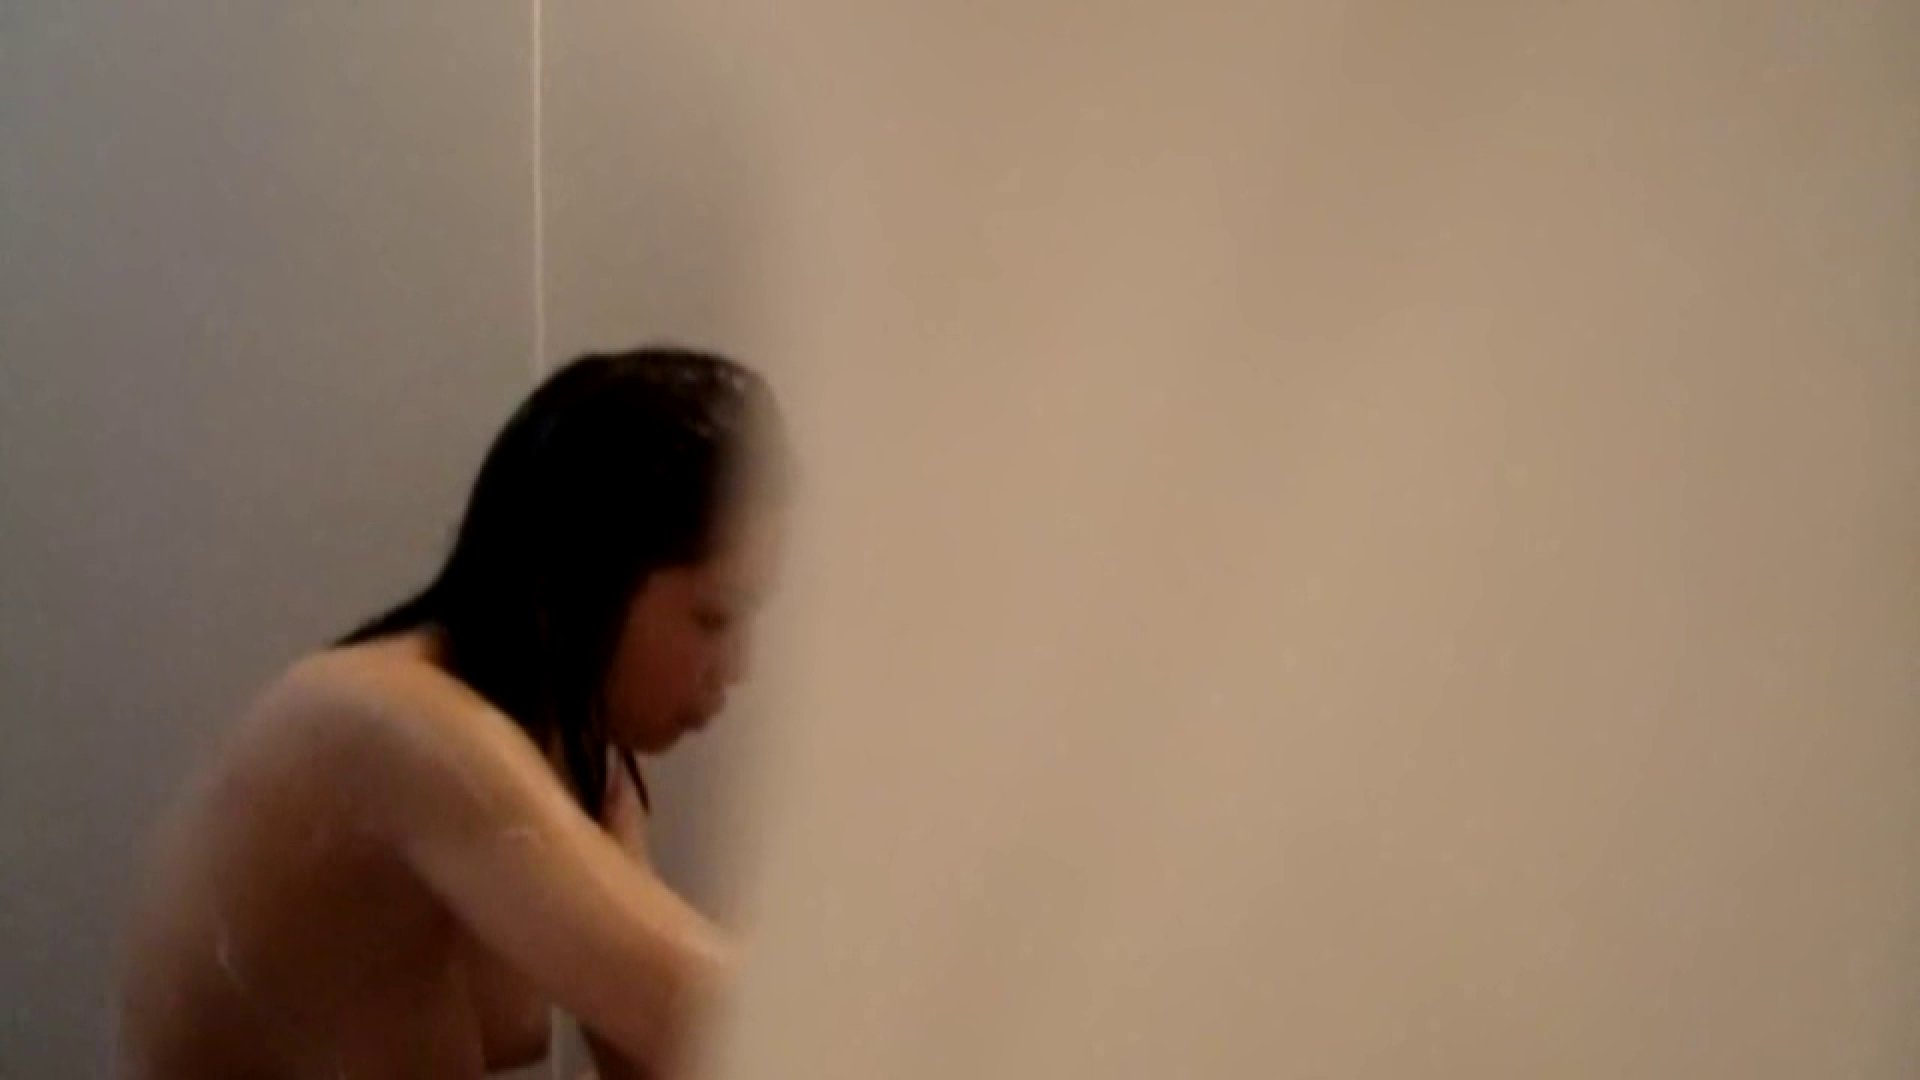 vol.2 葵のグラドル顔負けの爆乳を入浴シーンでどうぞ。 むっちりガール エロ無料画像 110枚 99